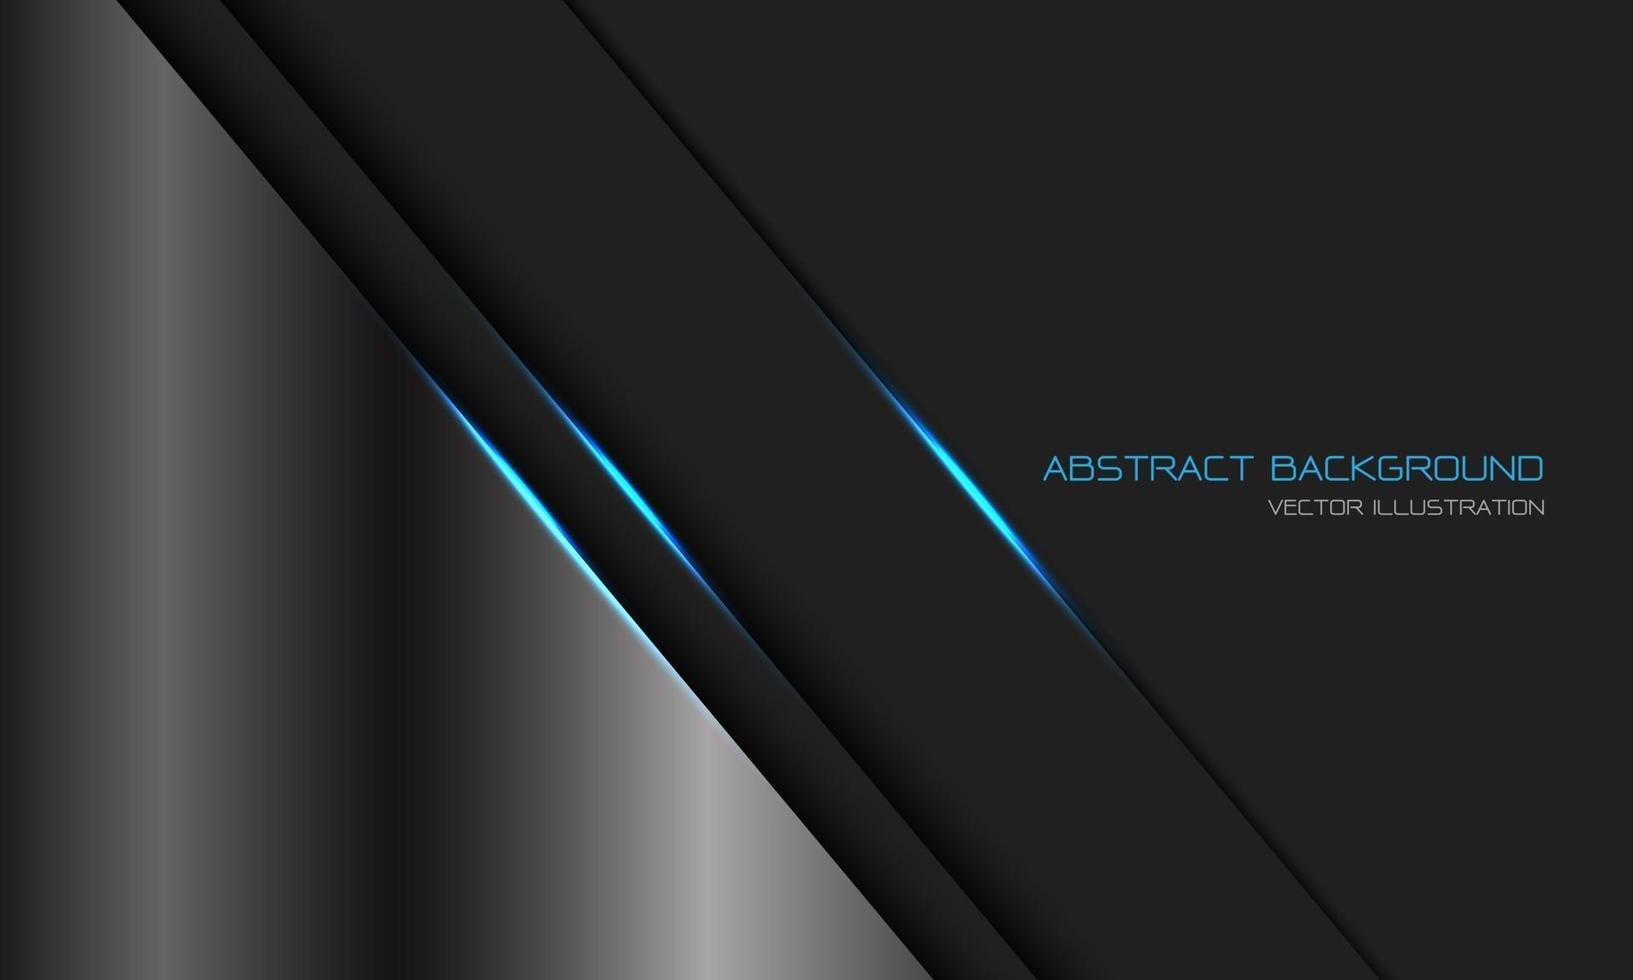 abstracte zilver donkergrijs metallic blauw licht lijn schuine streep met lege ruimte ontwerp moderne luxe futuristische technologie achtergrond vectorillustratie. vector